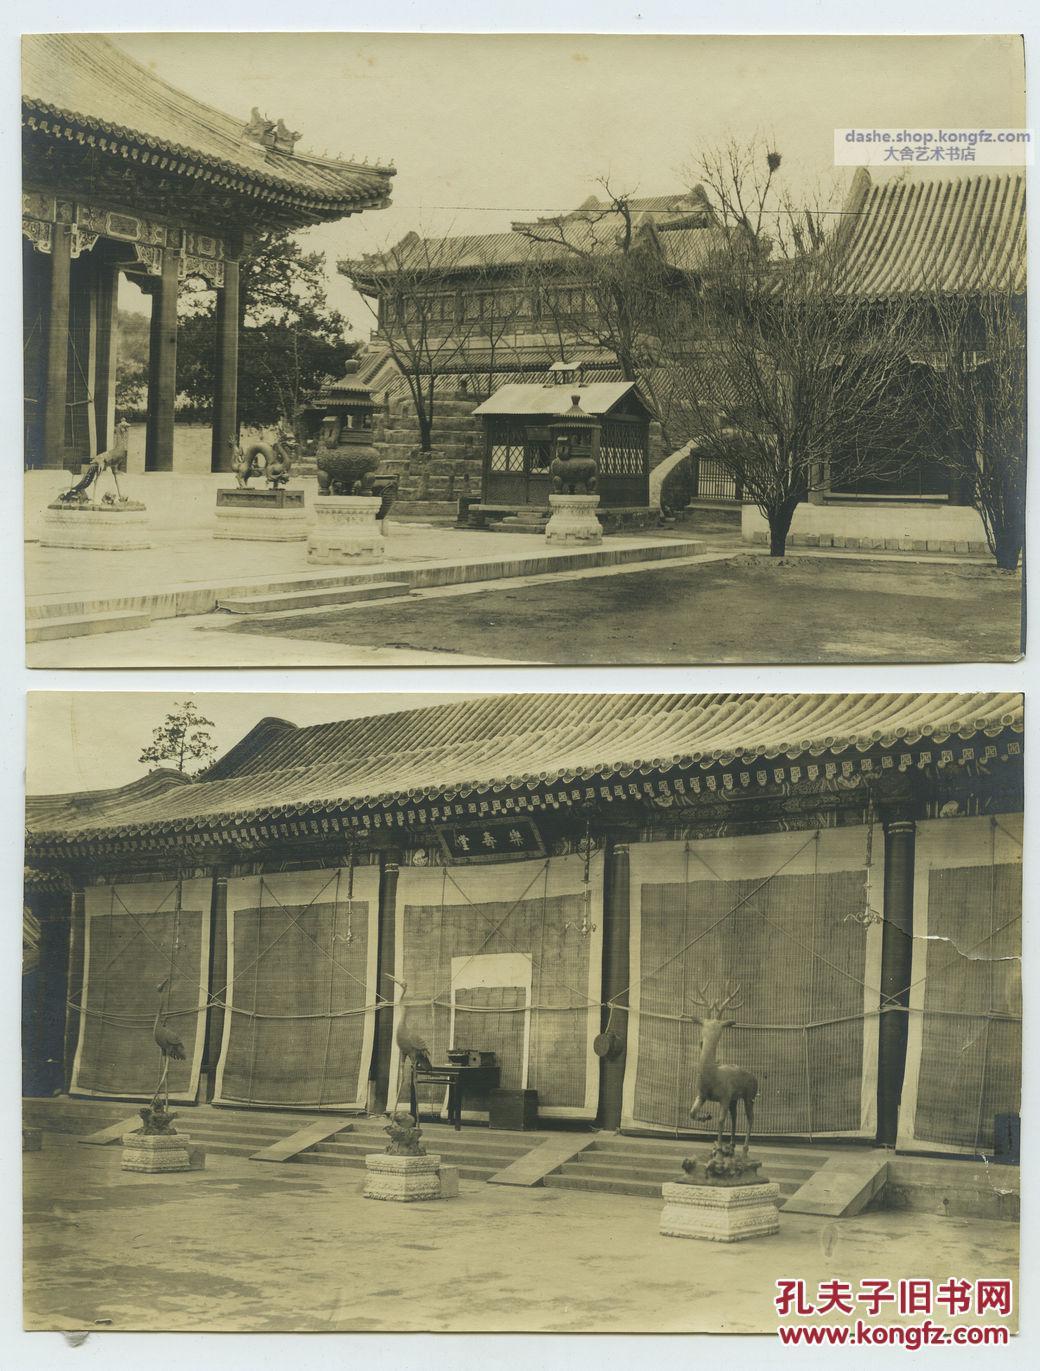 【图】清代北京皇家园林颐和园整组照片二十二张